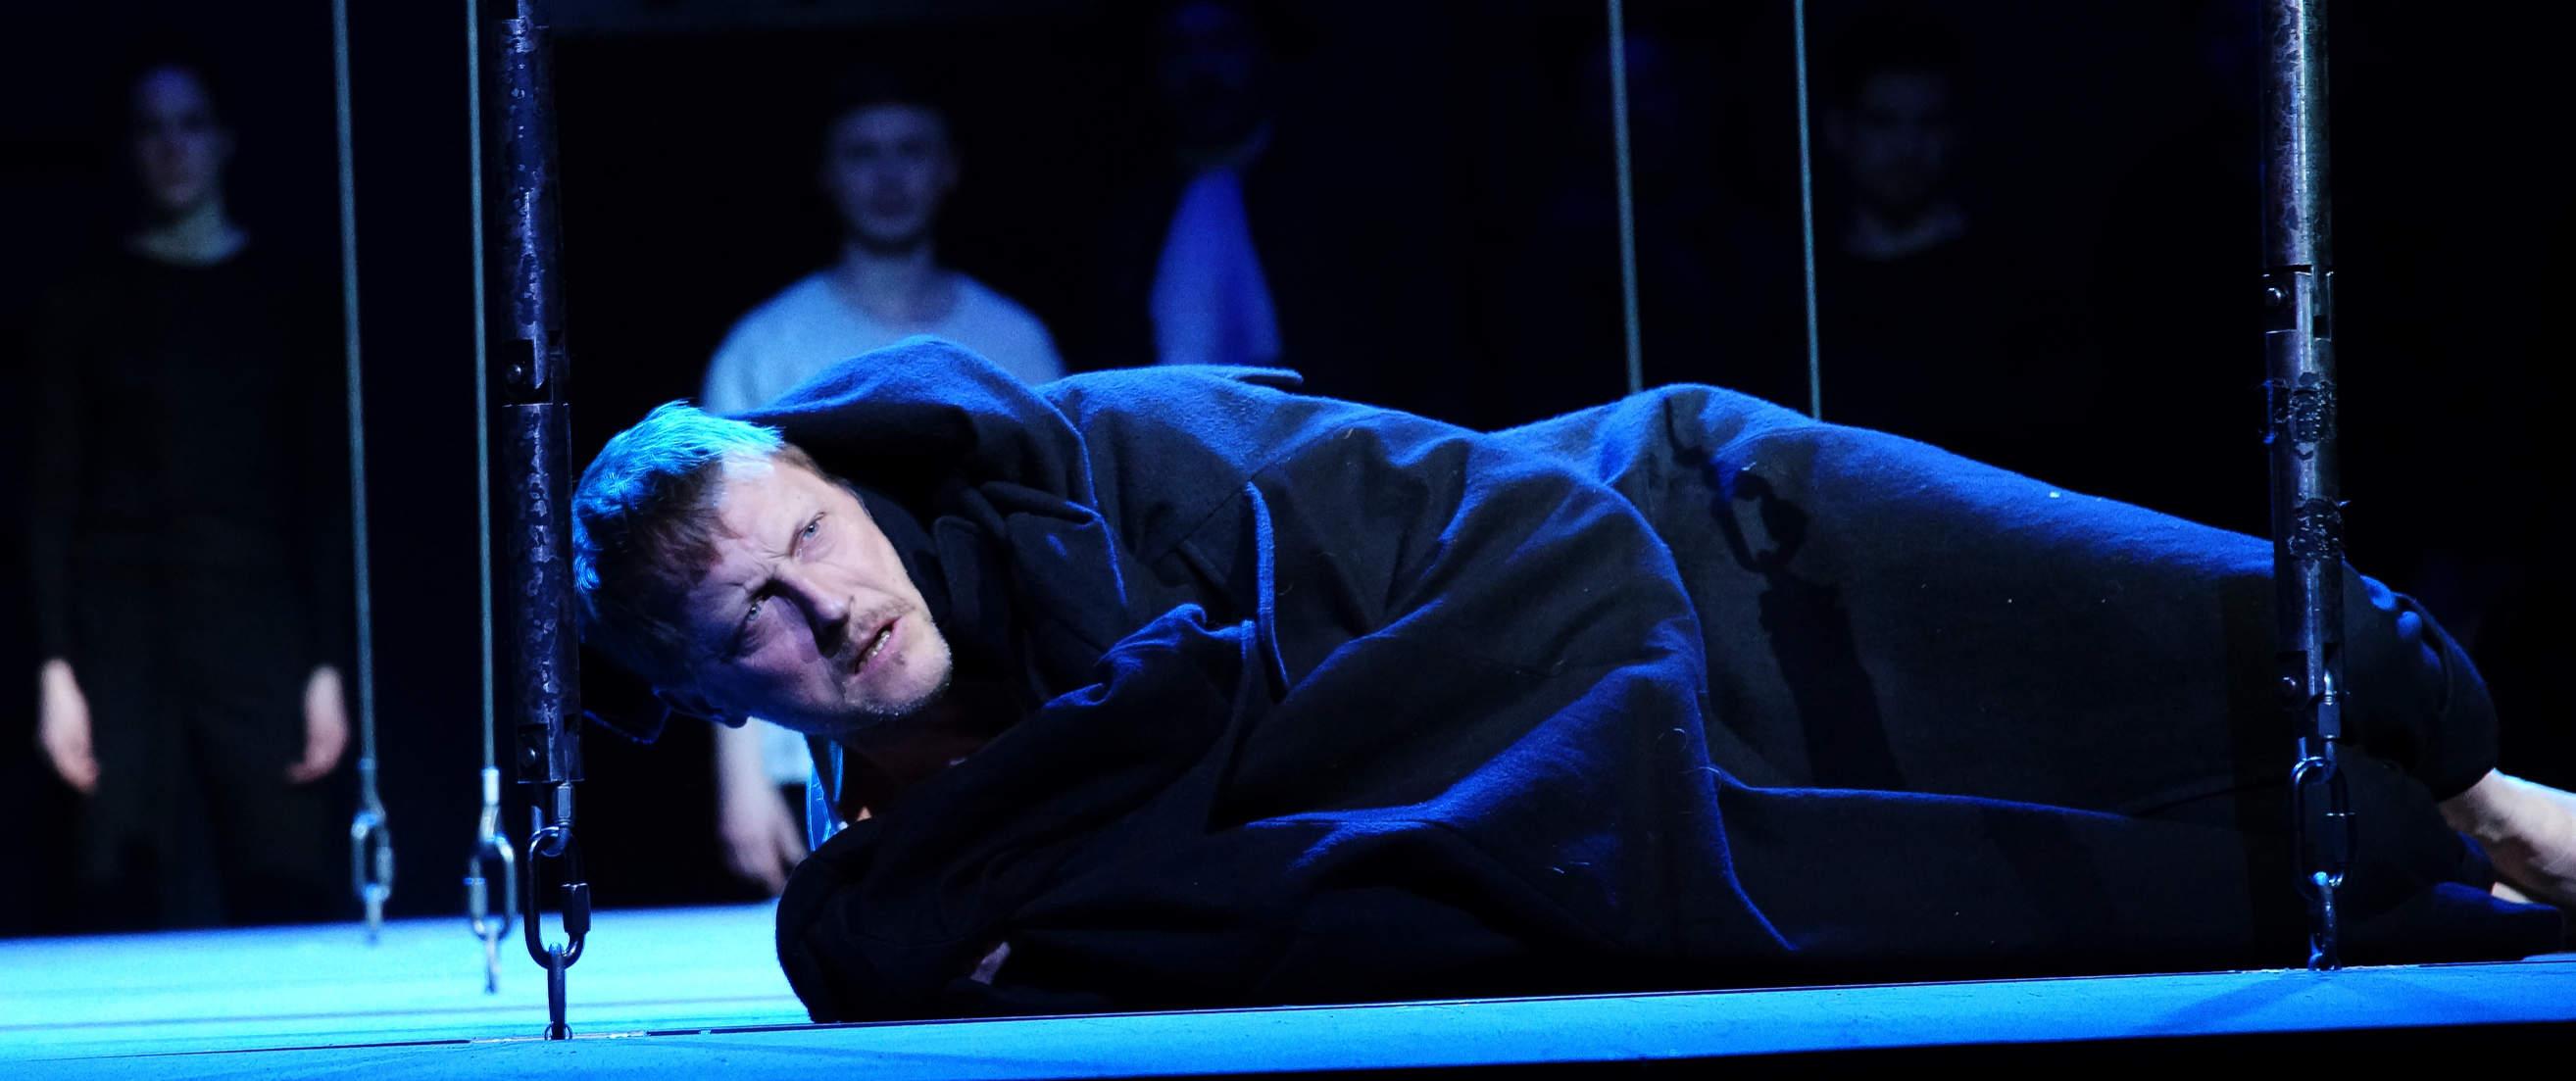 016-DIE-ELENDEN-nach-Victor-Hugo-Les-Miserables-von-Malte-Kreutzfeldt-Regie-c-photo-Olaf-Struck-Theater-Schauspielhaus-Kiel-2019